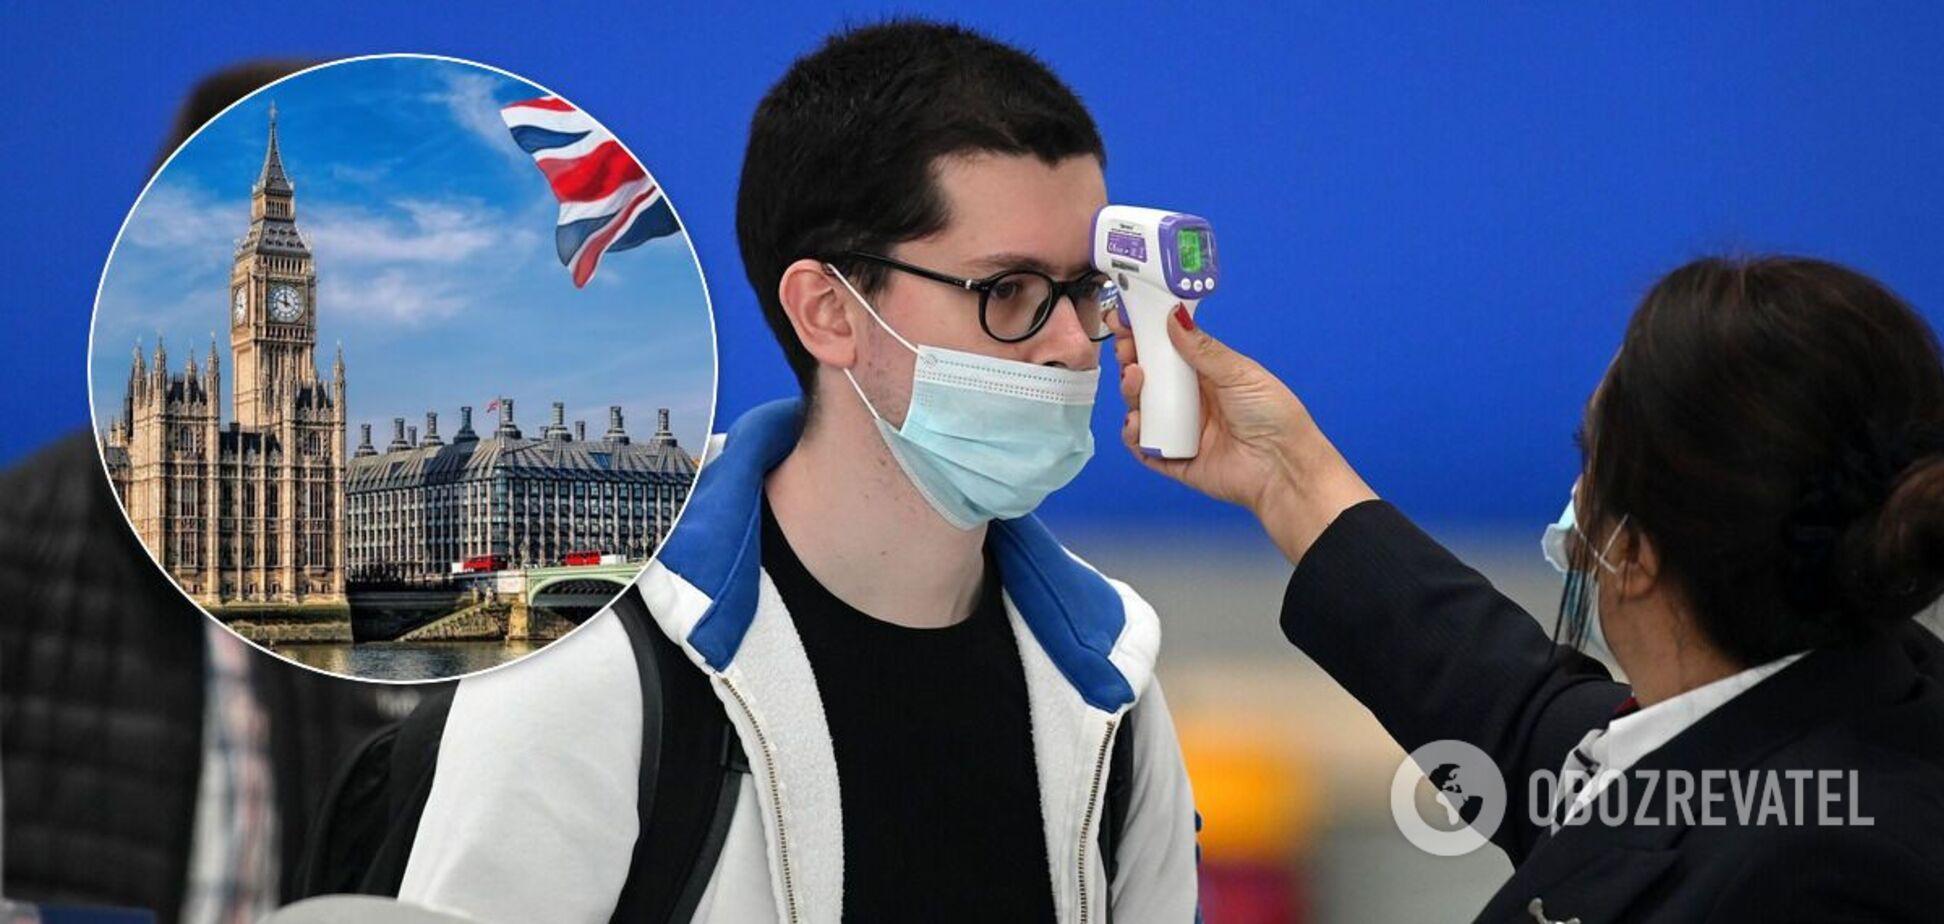 Украинцам не будут запрещать путешествия в Британию, несмотря на мутант COVID-19 – Ляшко